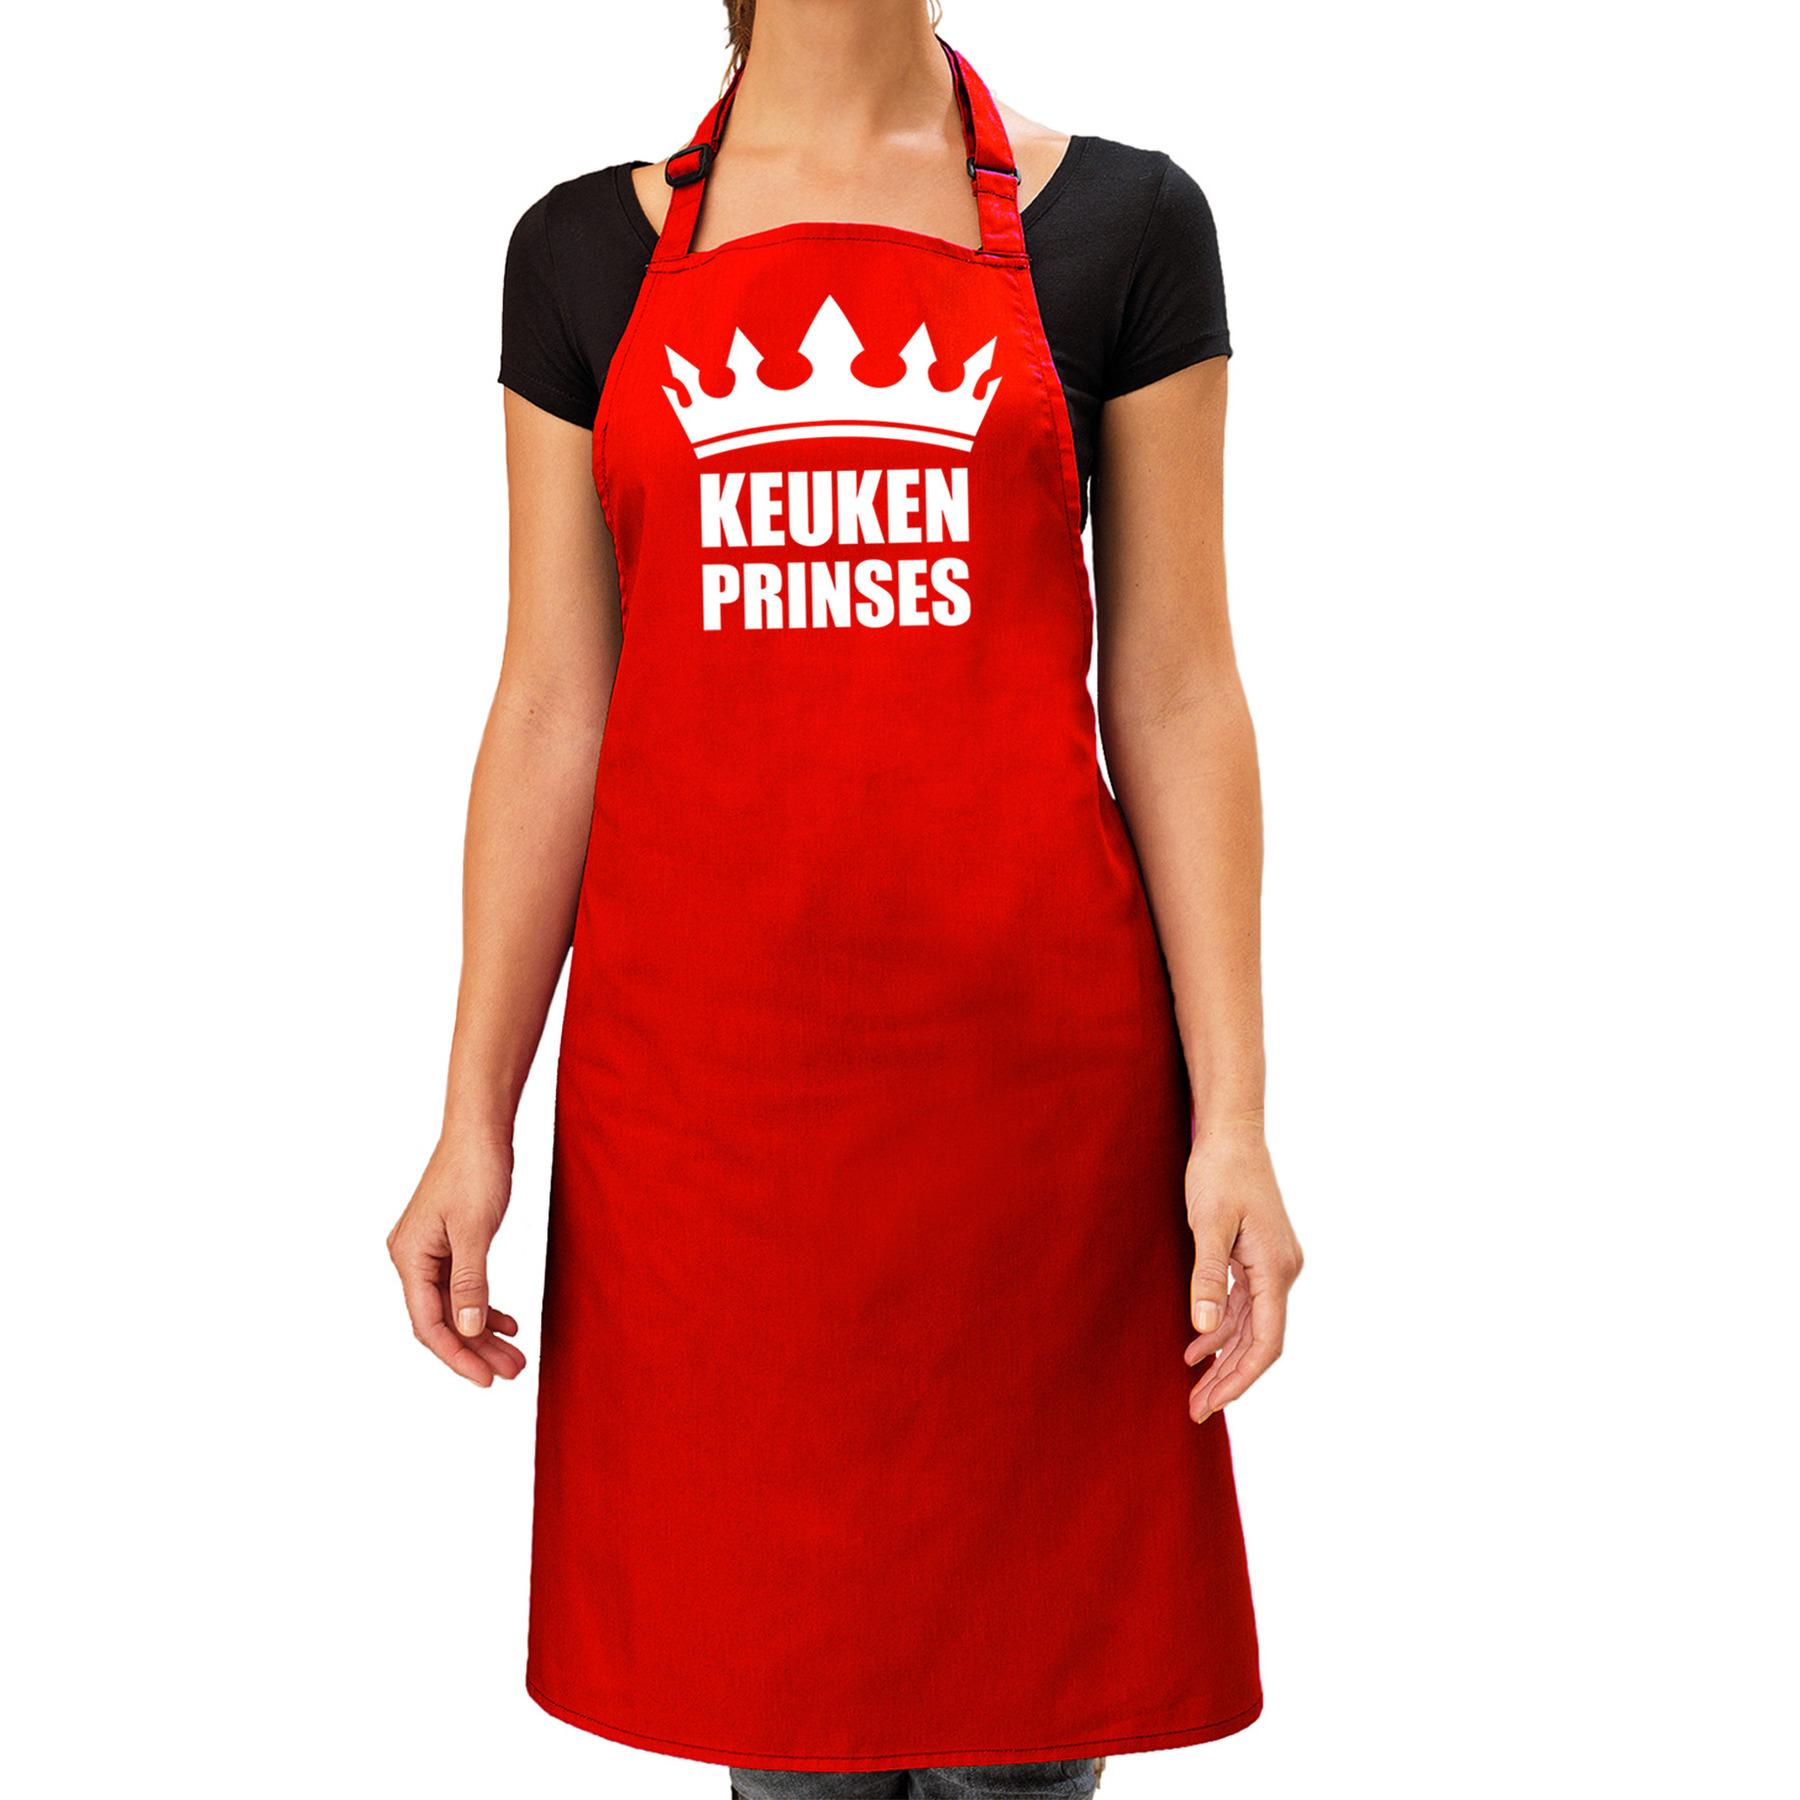 Keuken Prinses barbeque schort - keukenschort rood dames